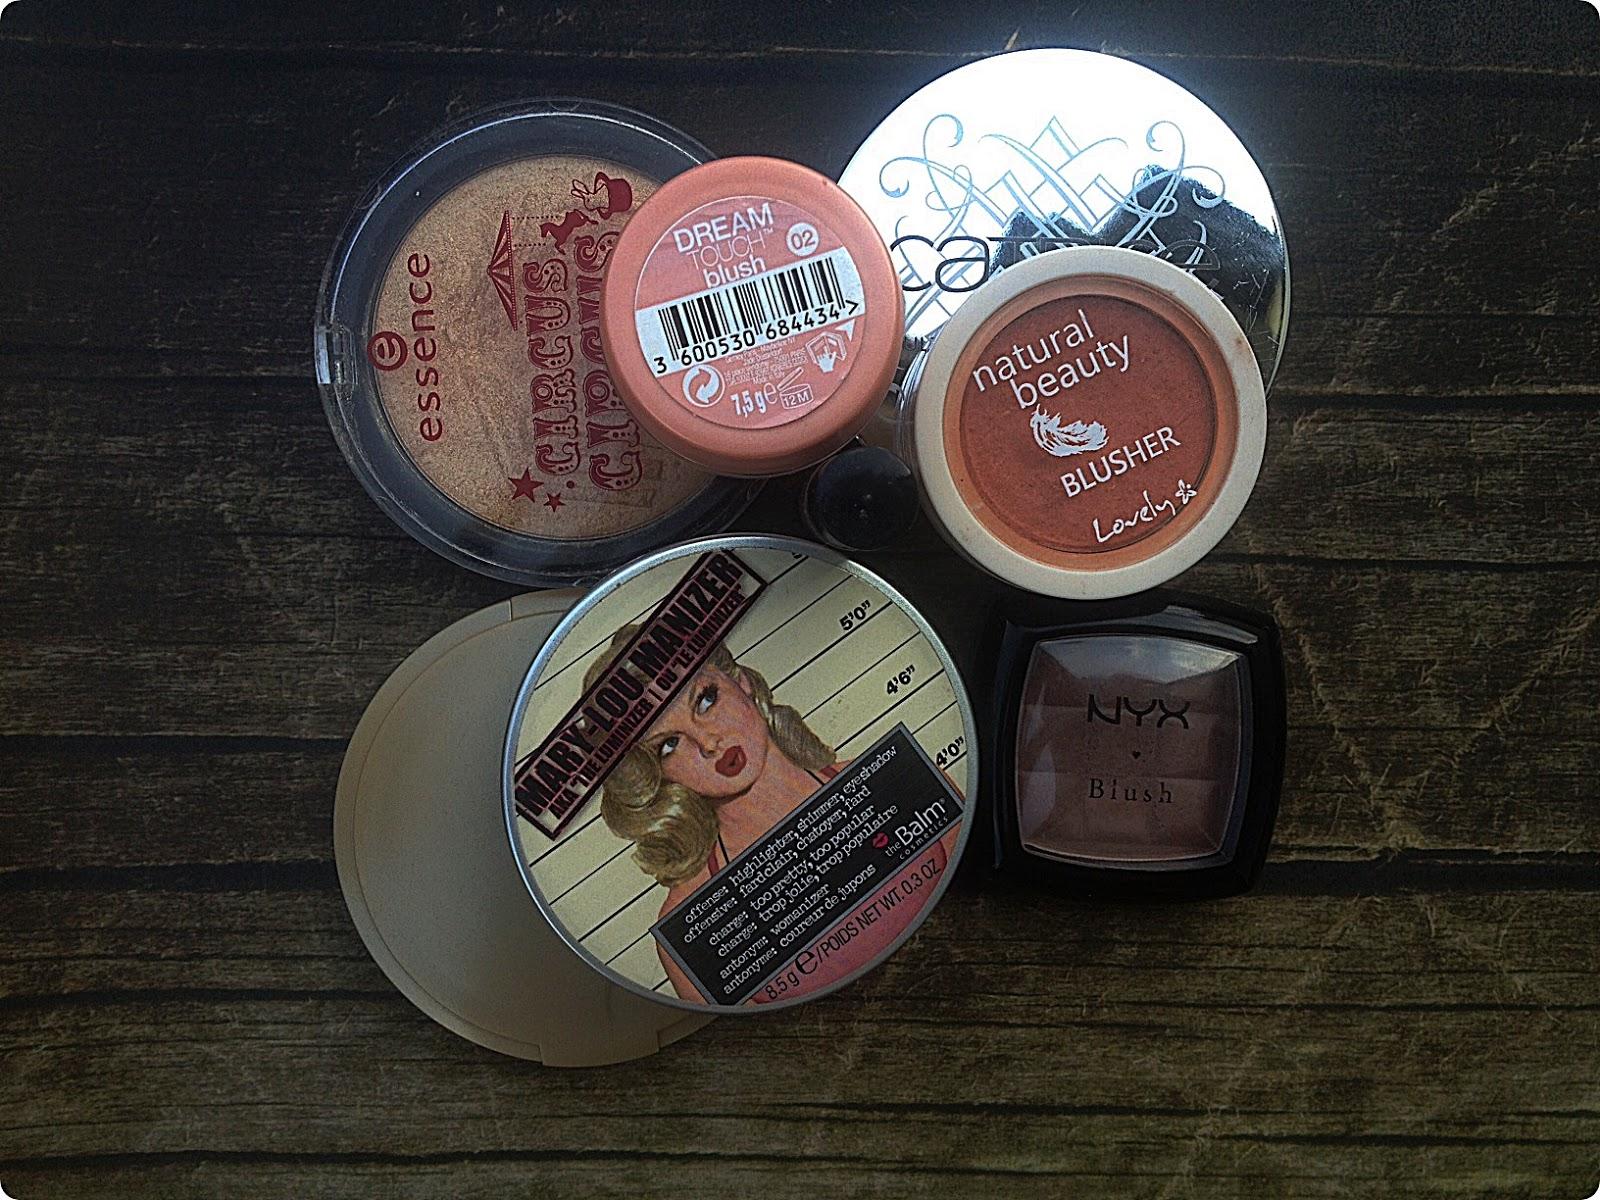 Moje kosmetyczne skarby - róże, brązery i rozświetlacze